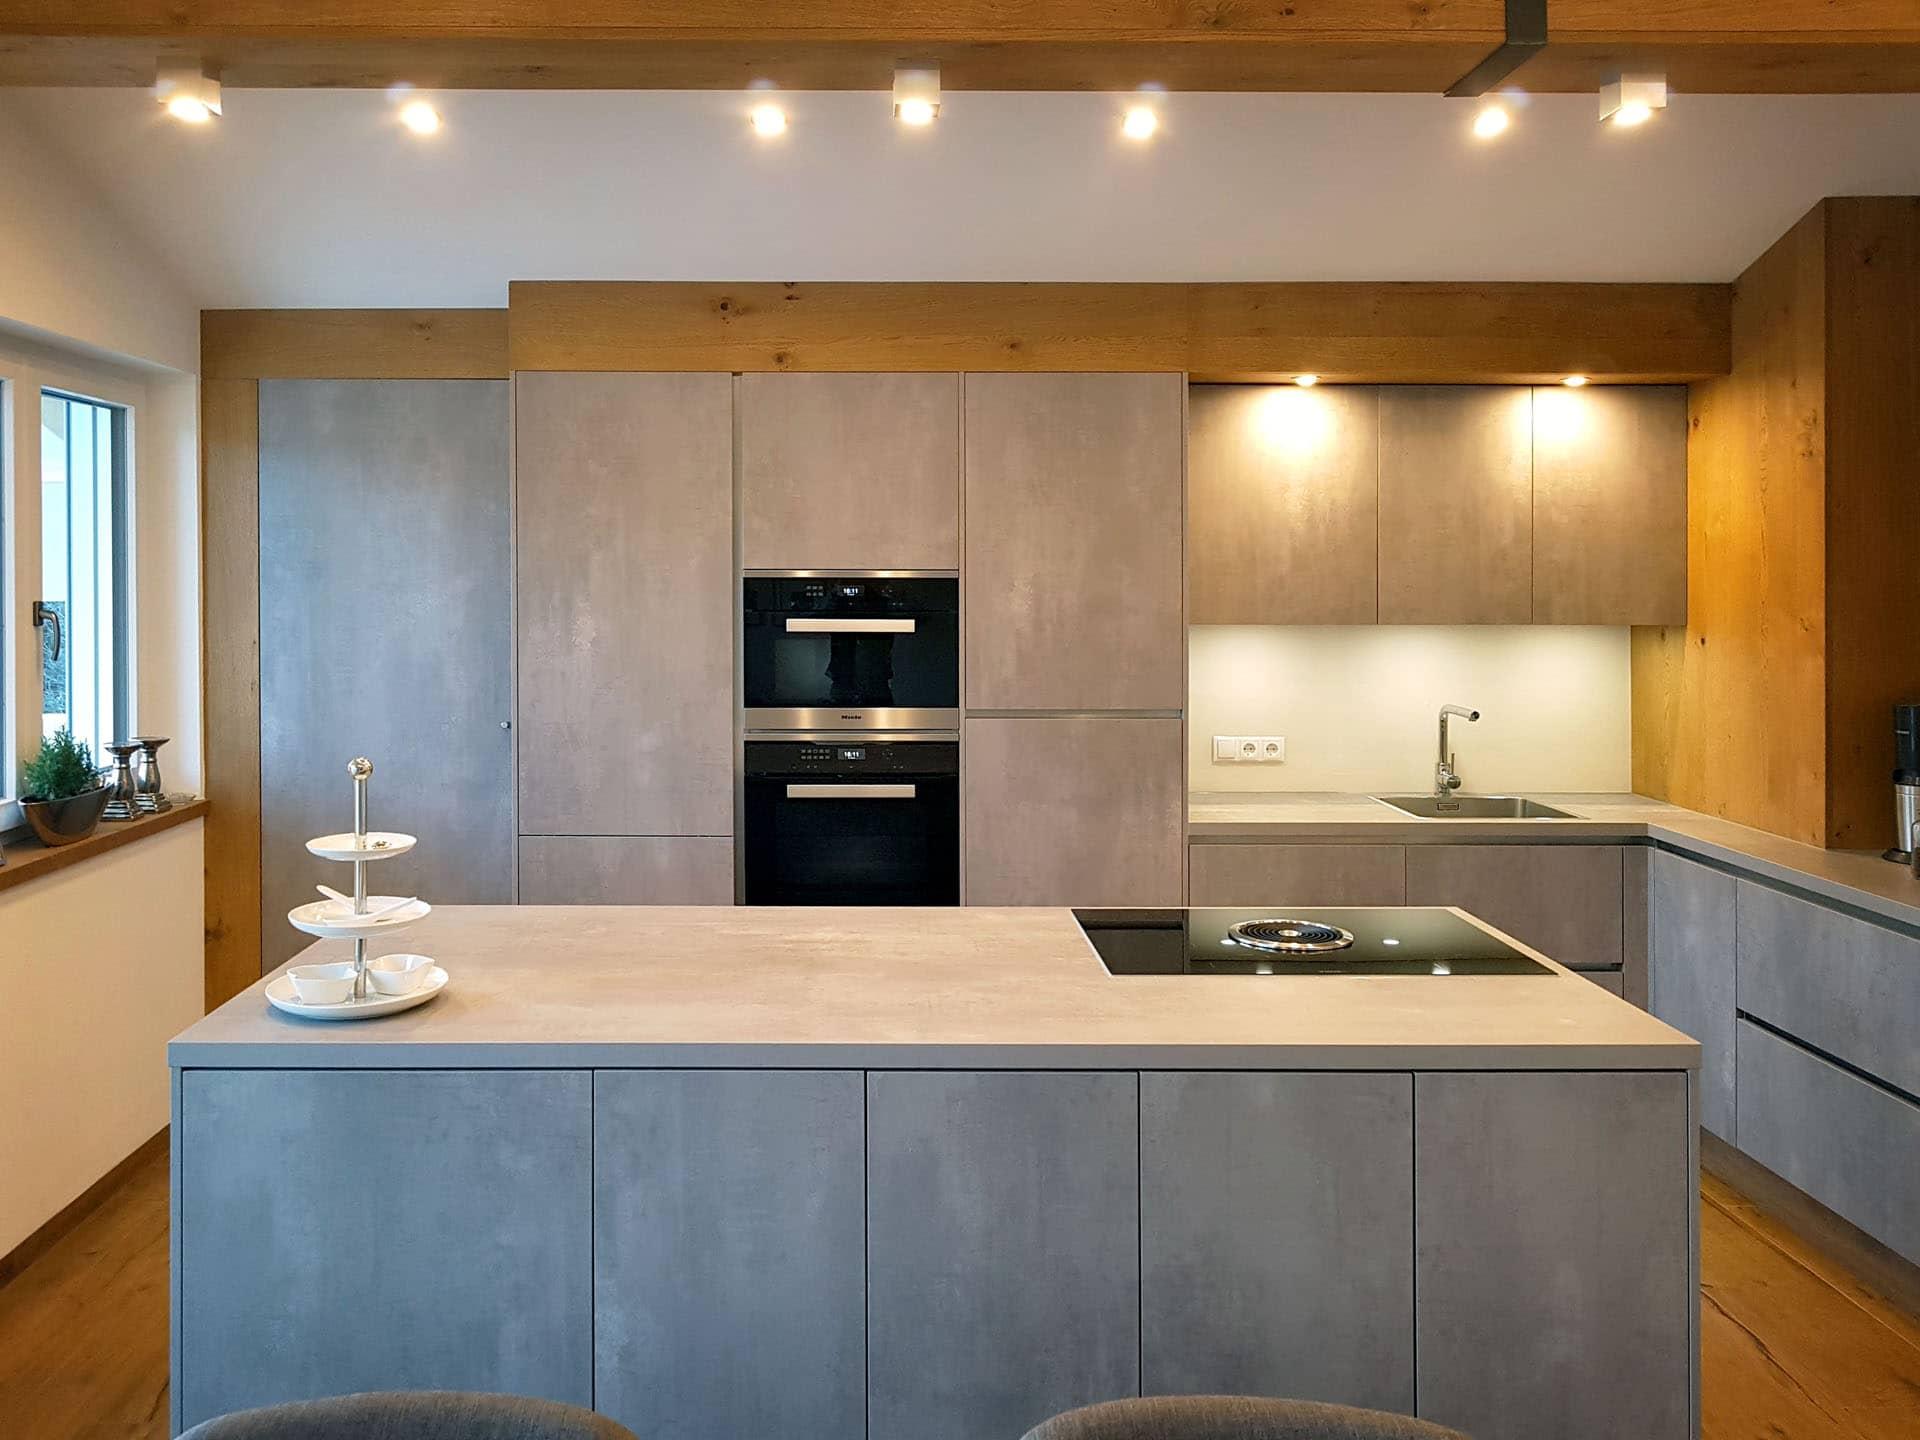 Ungewöhnlich Die Studio Küche Bilder - Ideen Für Die Küche ...